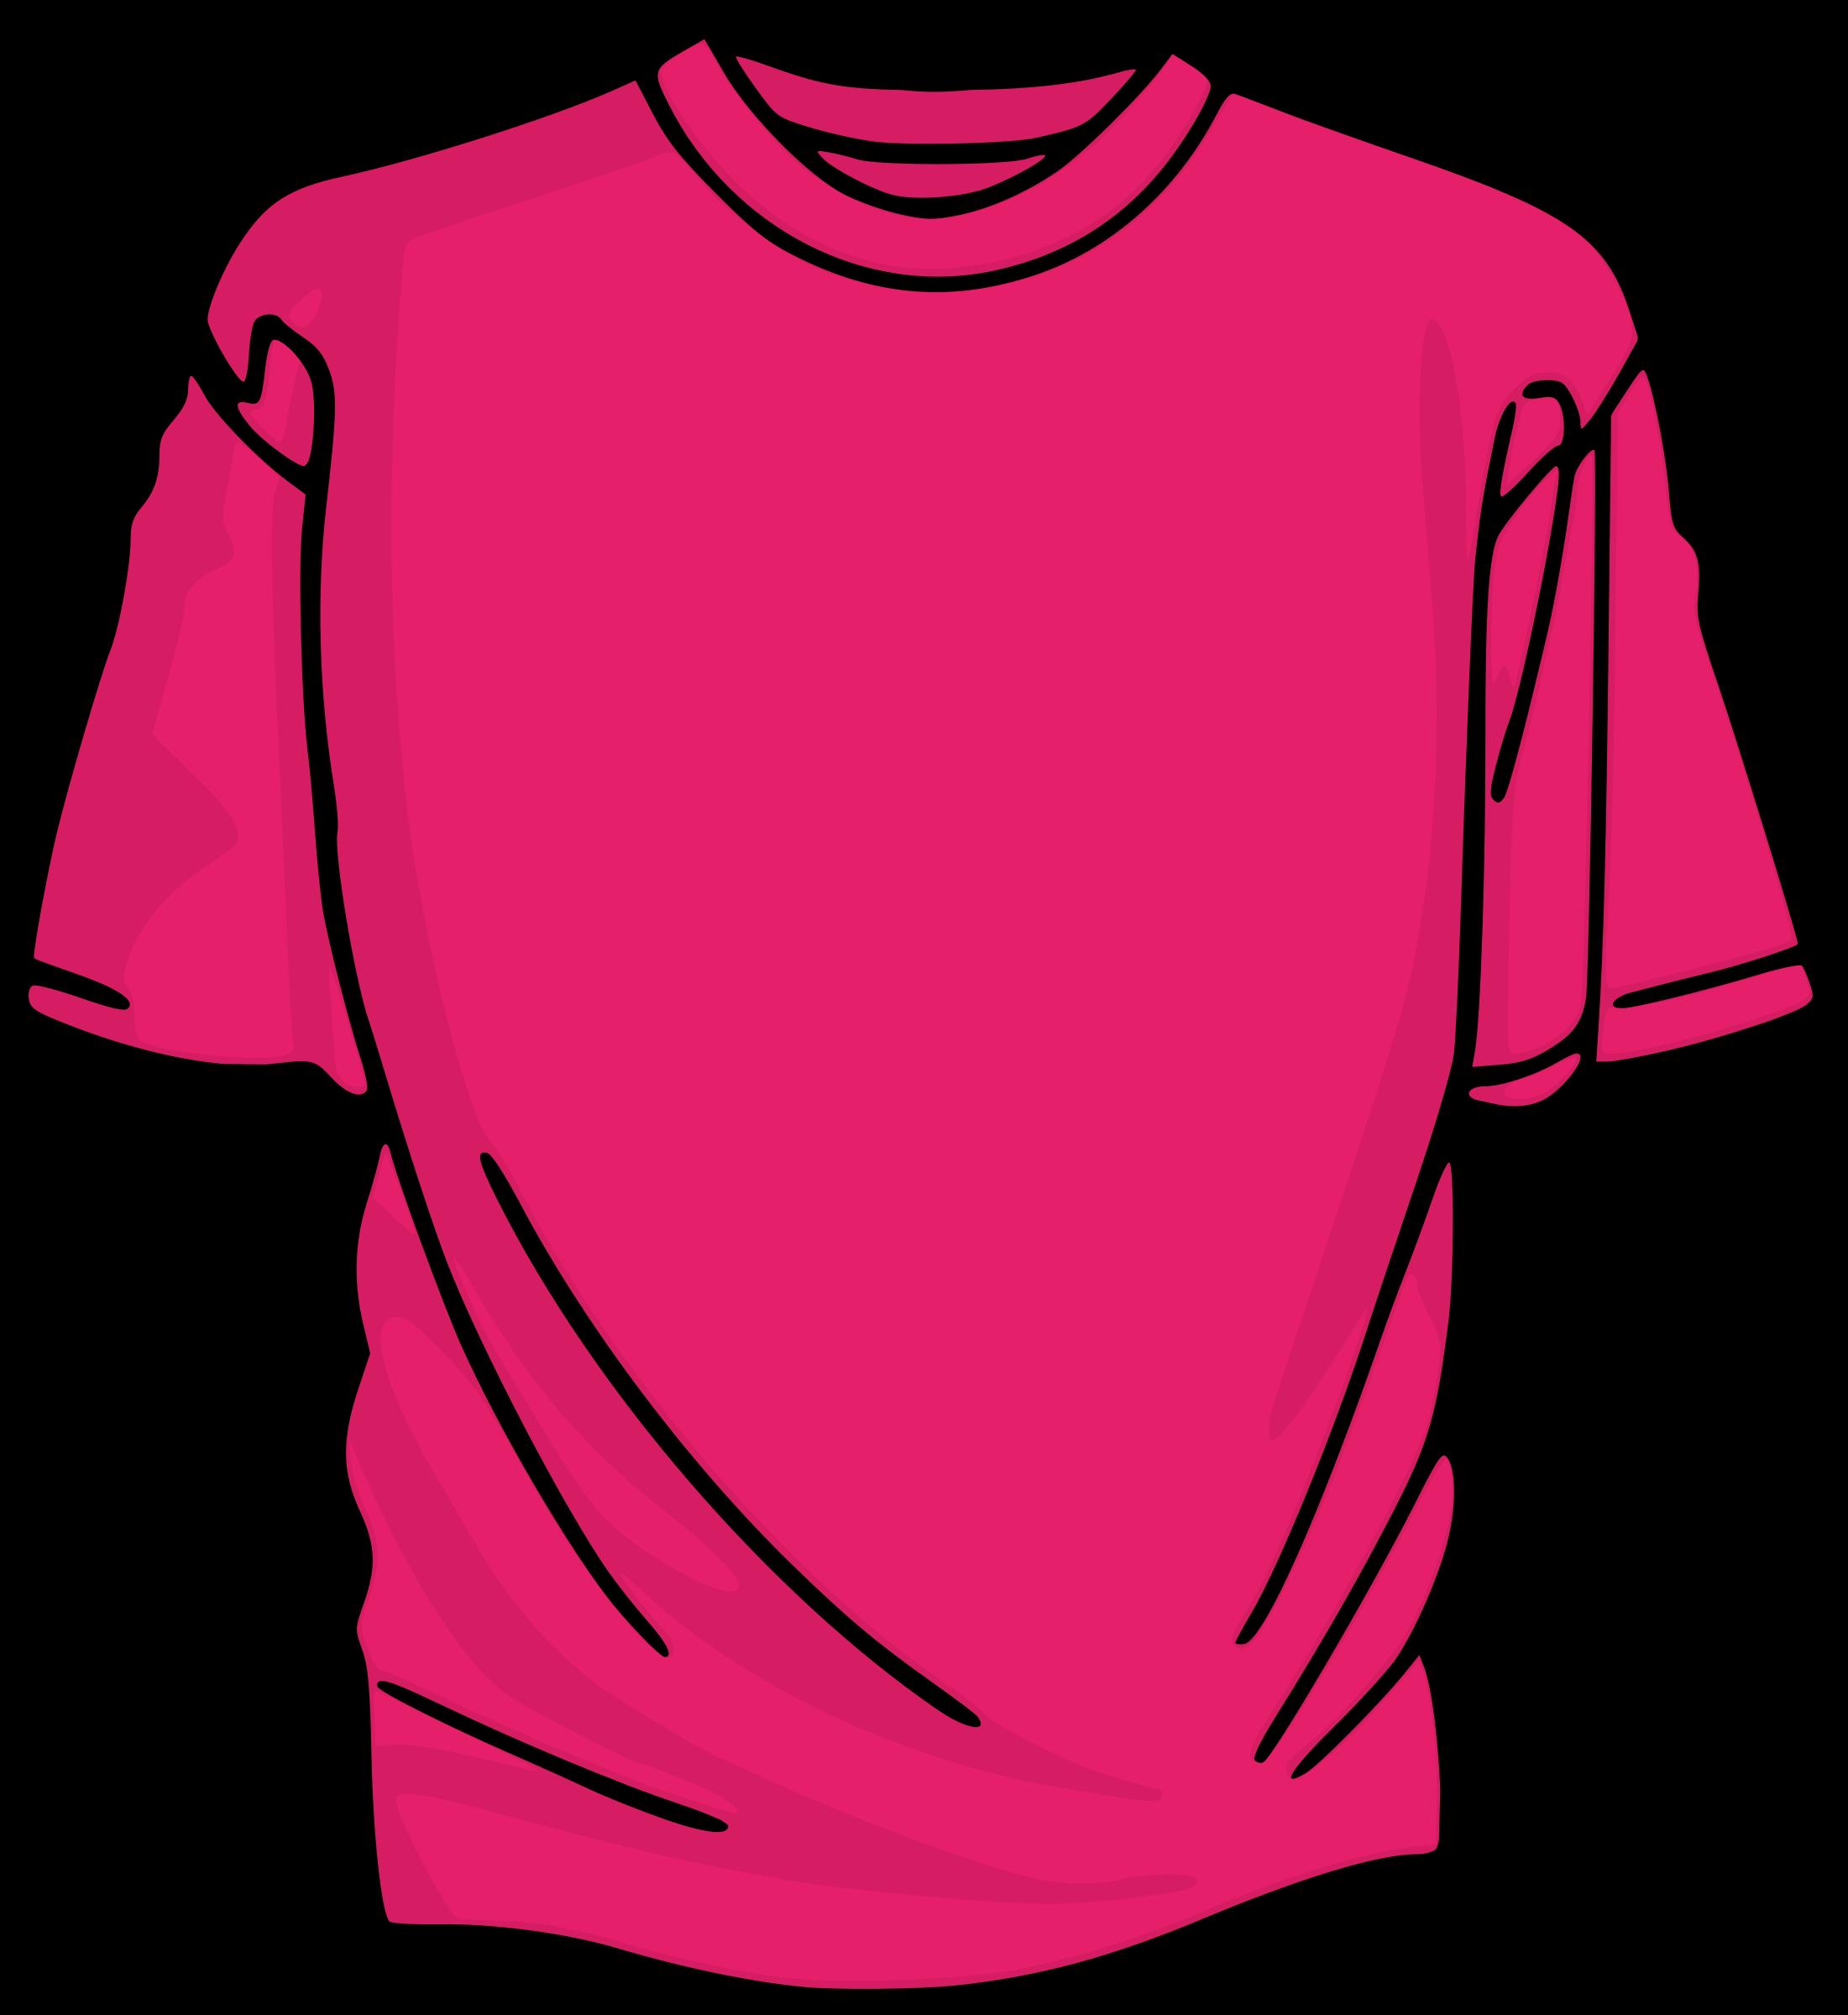 Shirt Shirt Clip Art Designs Free Clipar-Shirt shirt clip art designs free clipart images clipartcow-6